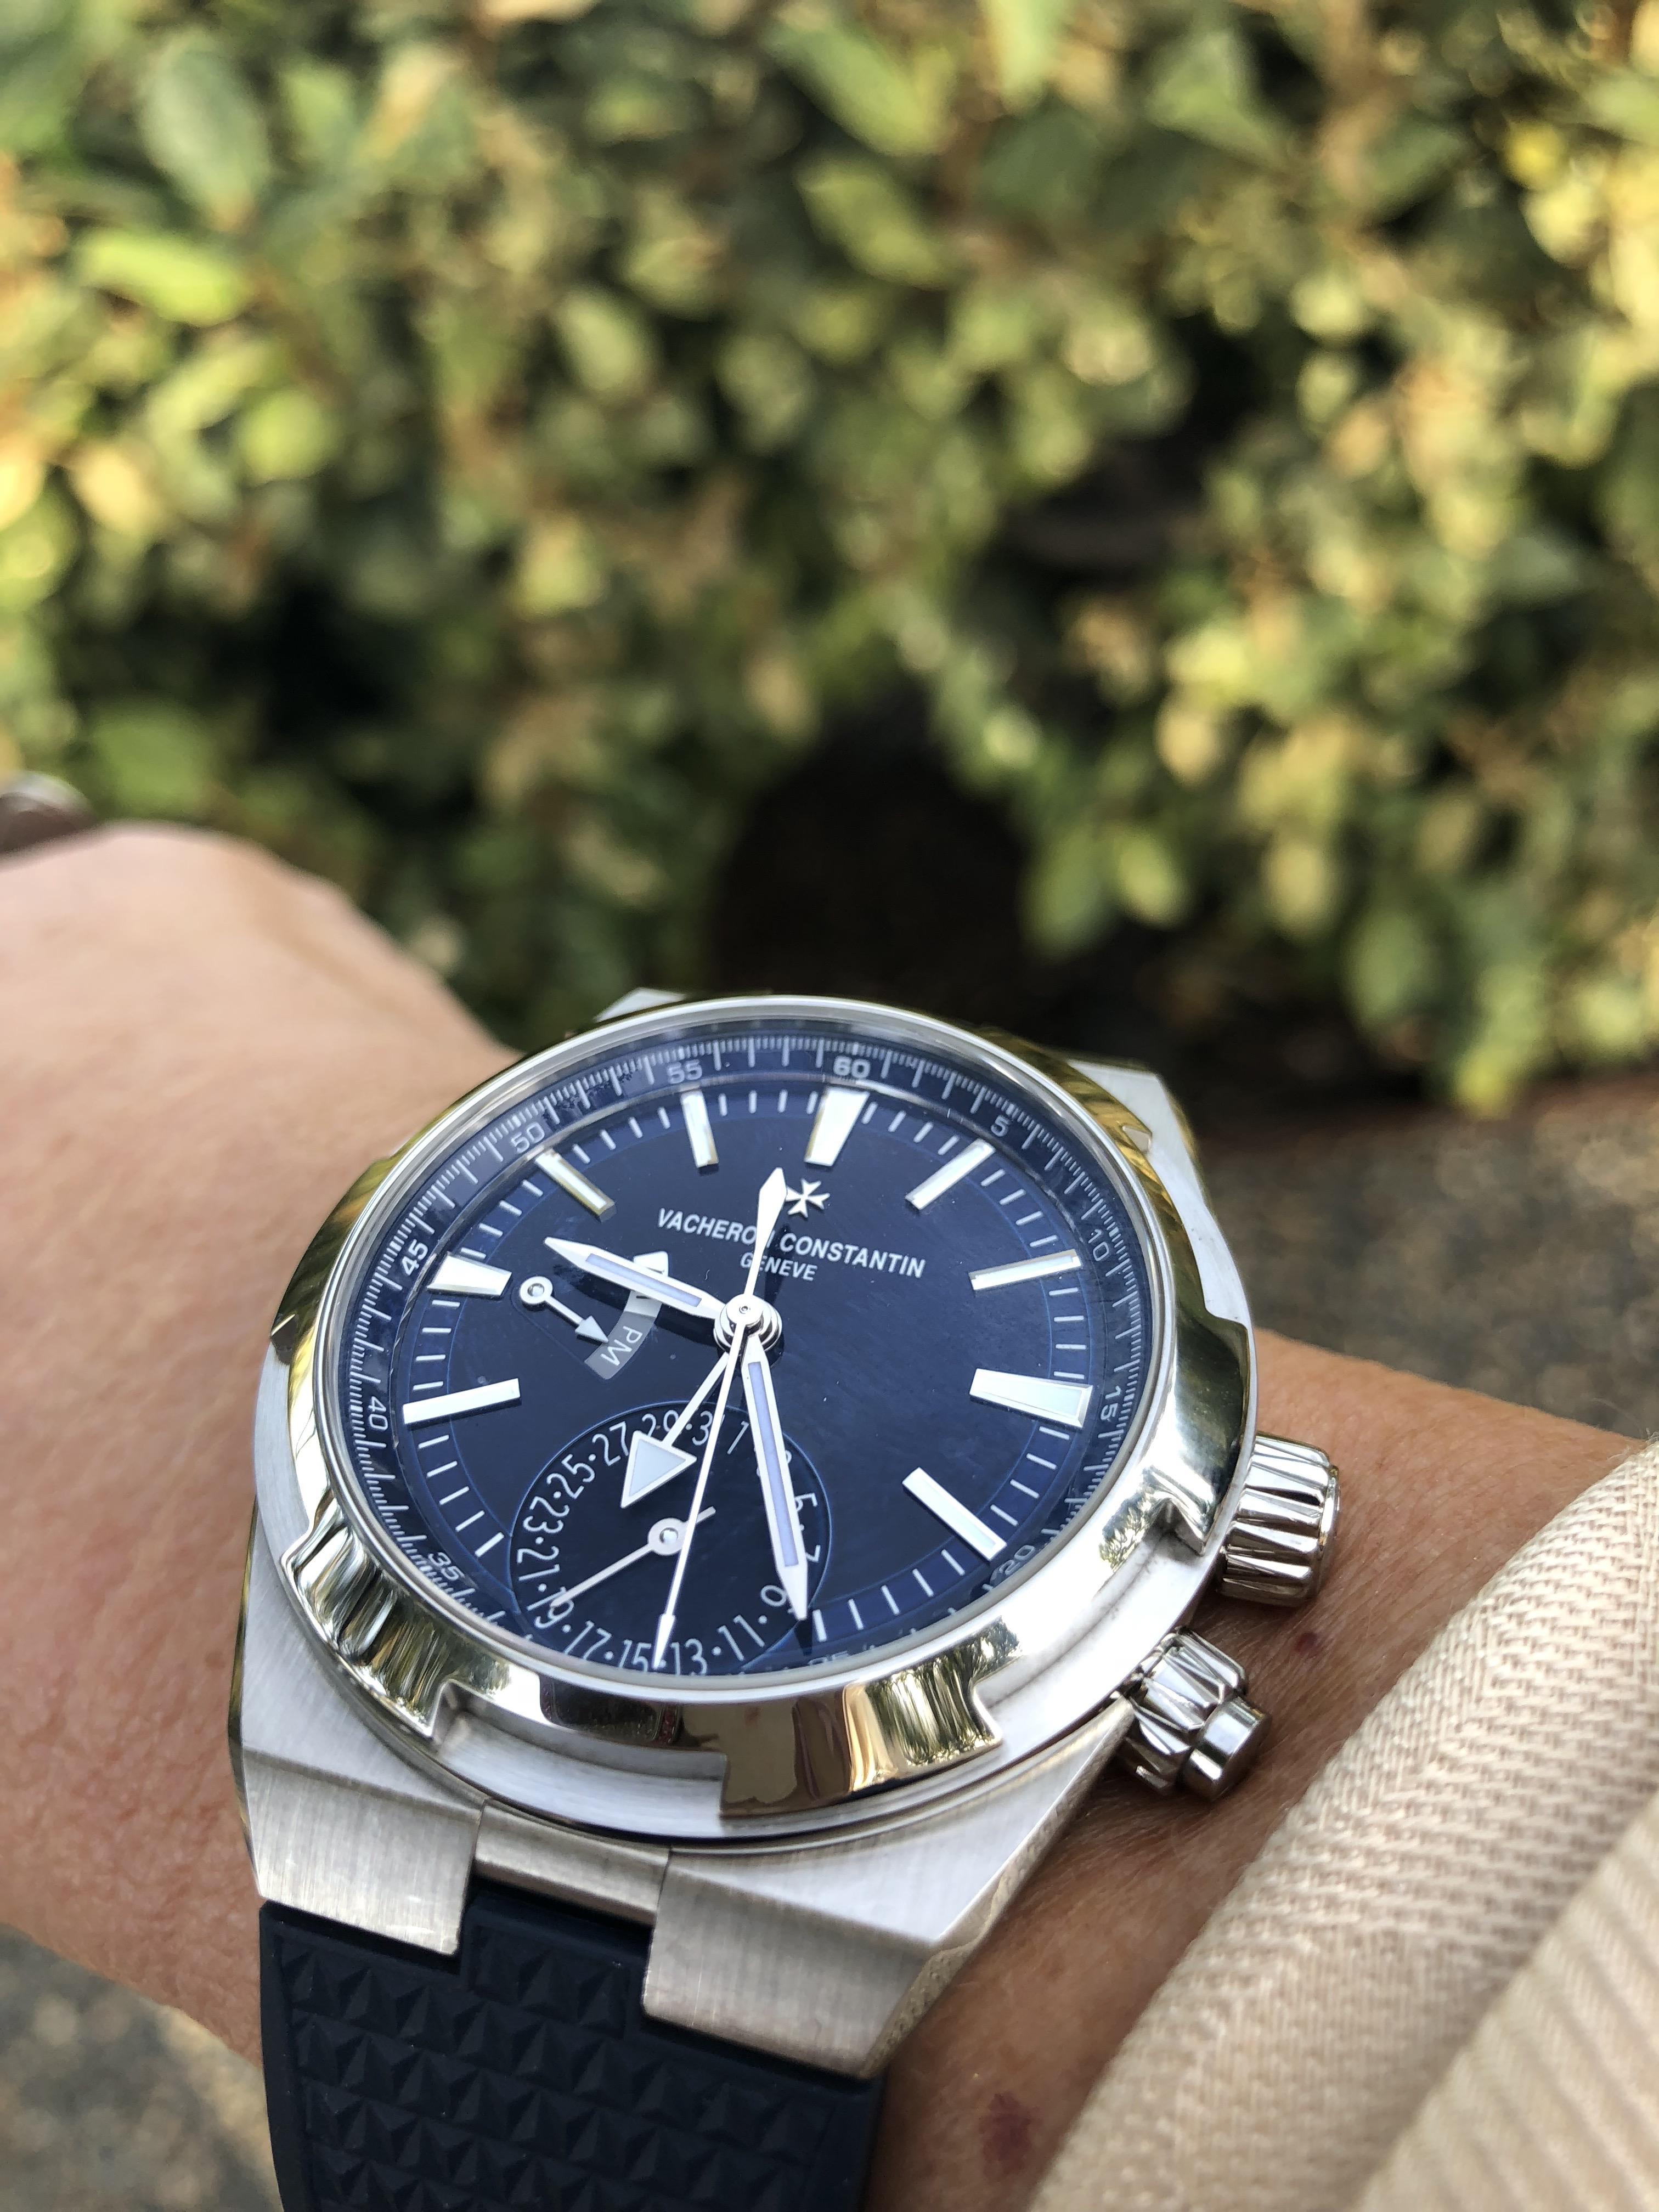 Vacheron Constantin Overseas blue dial - a beauty